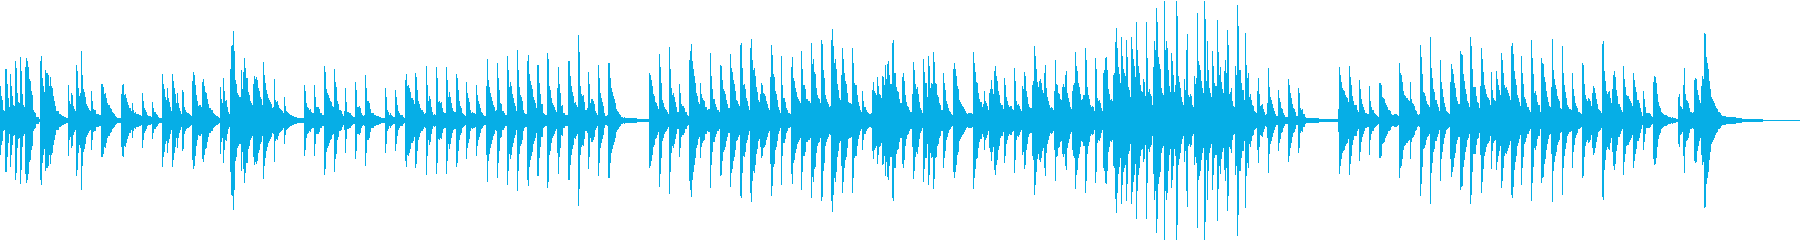 映像・CM/切なく儚いピアノバラードの再生済みの波形